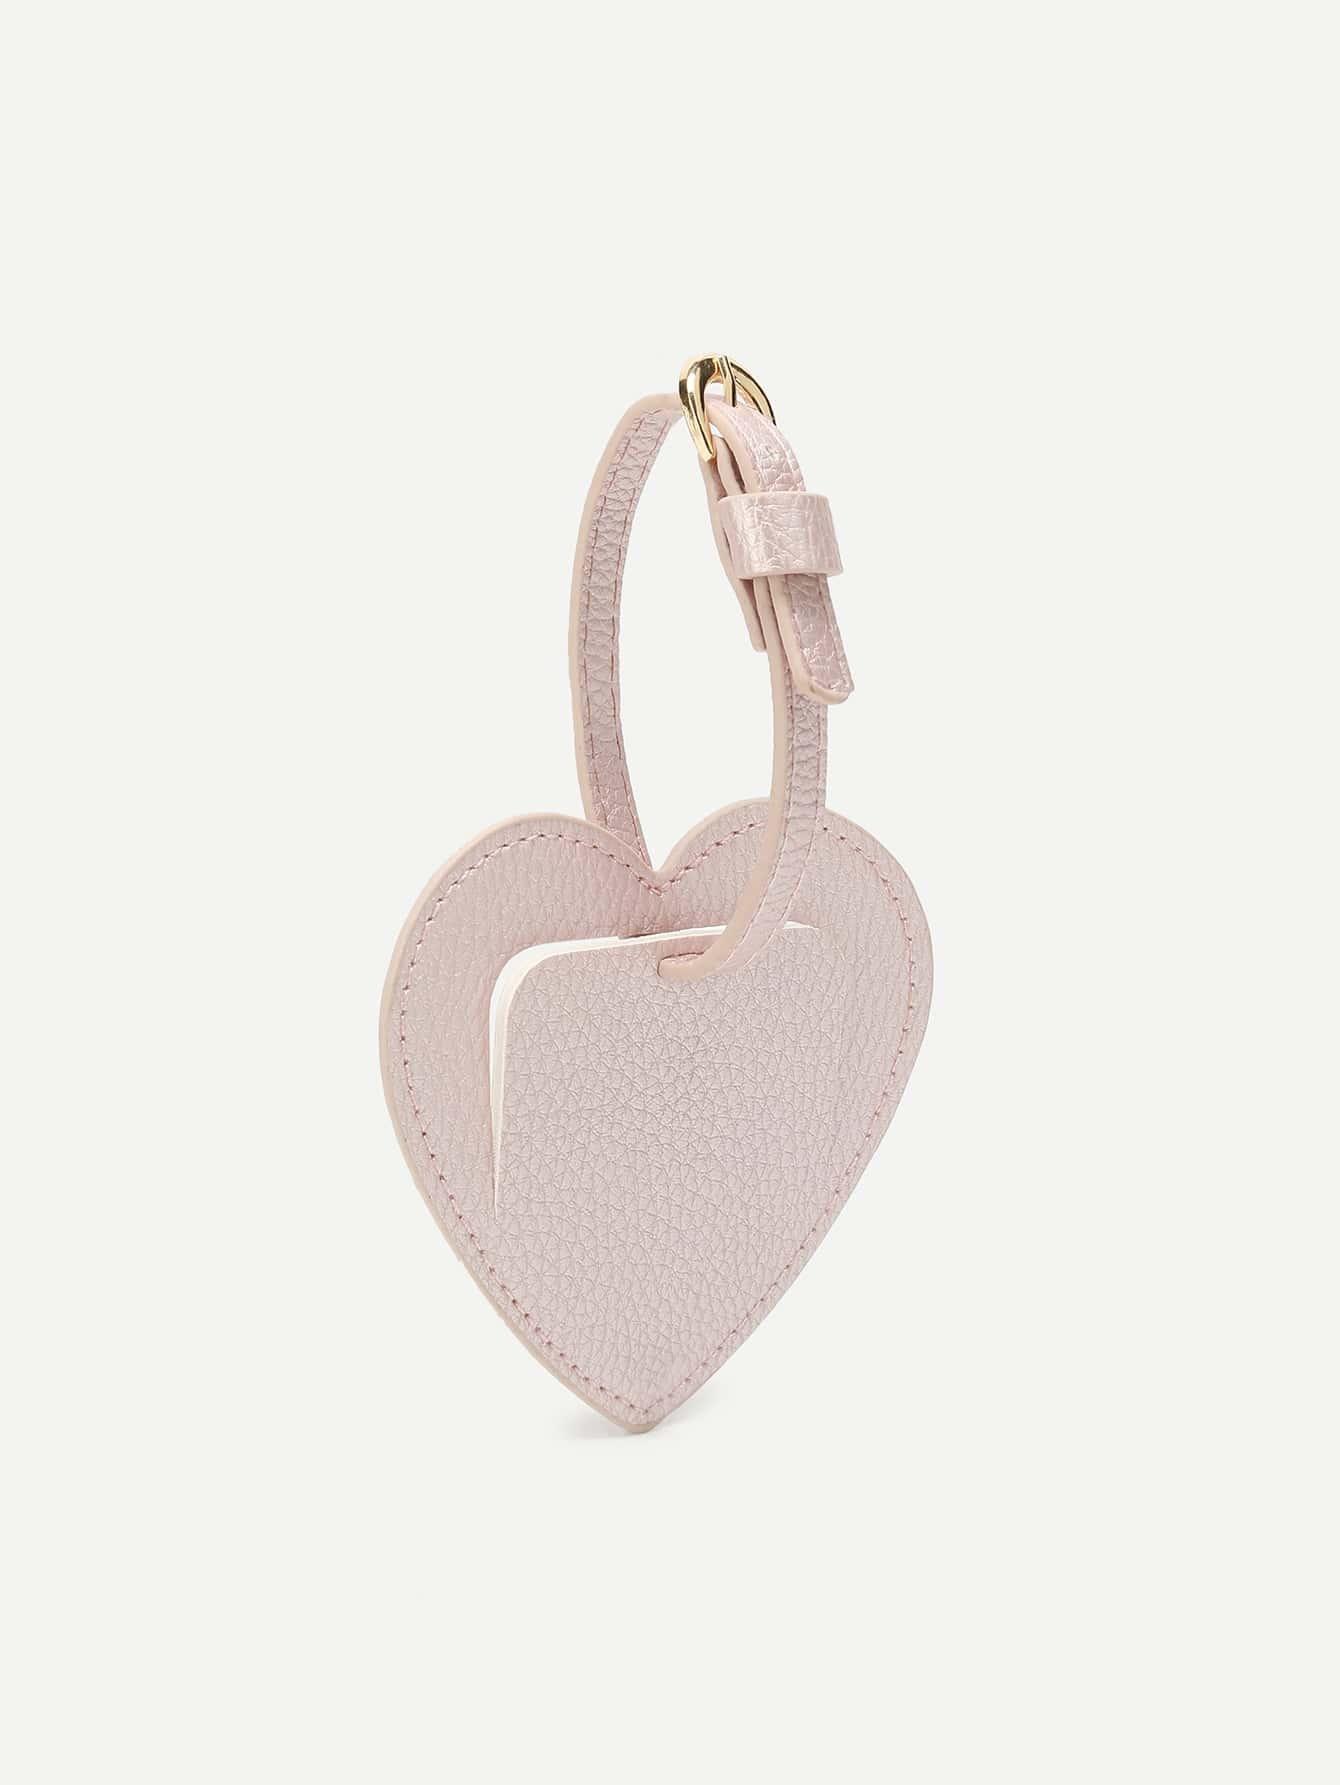 PU Heart Shaped Bag Charm pineapple shaped pu bag